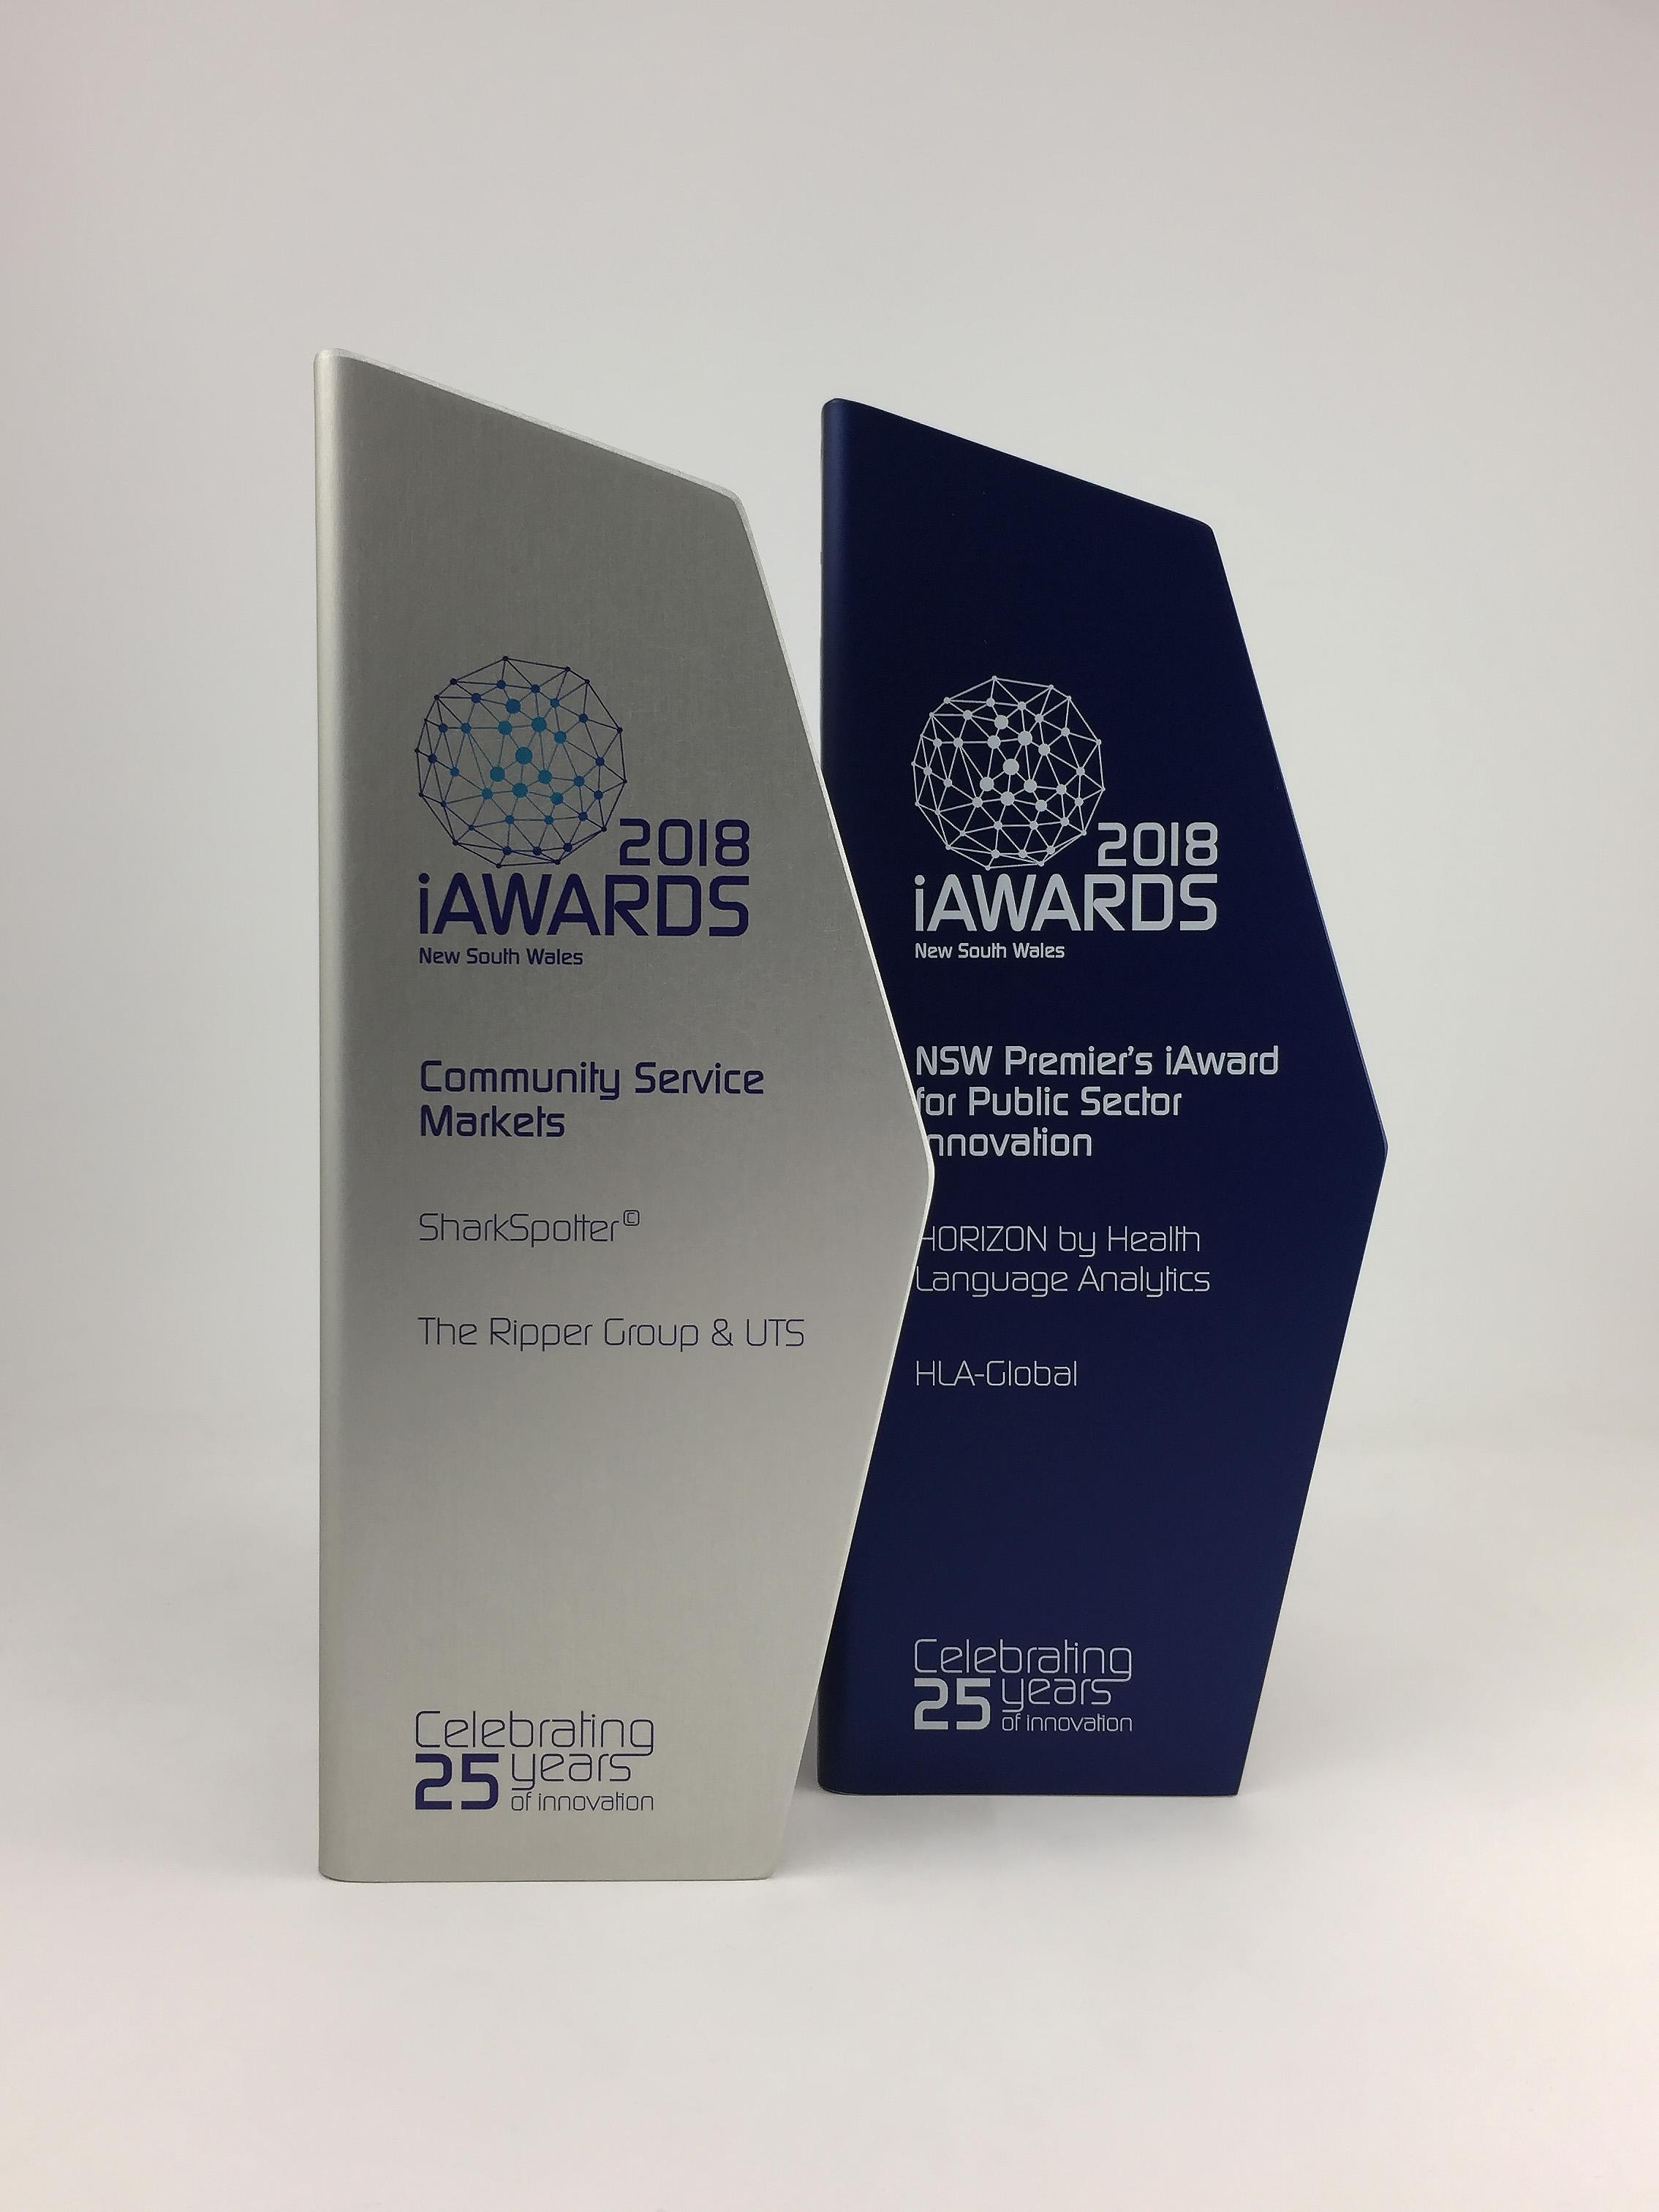 iawards-innovation-awards-2018-metal-trophy-01.jpg